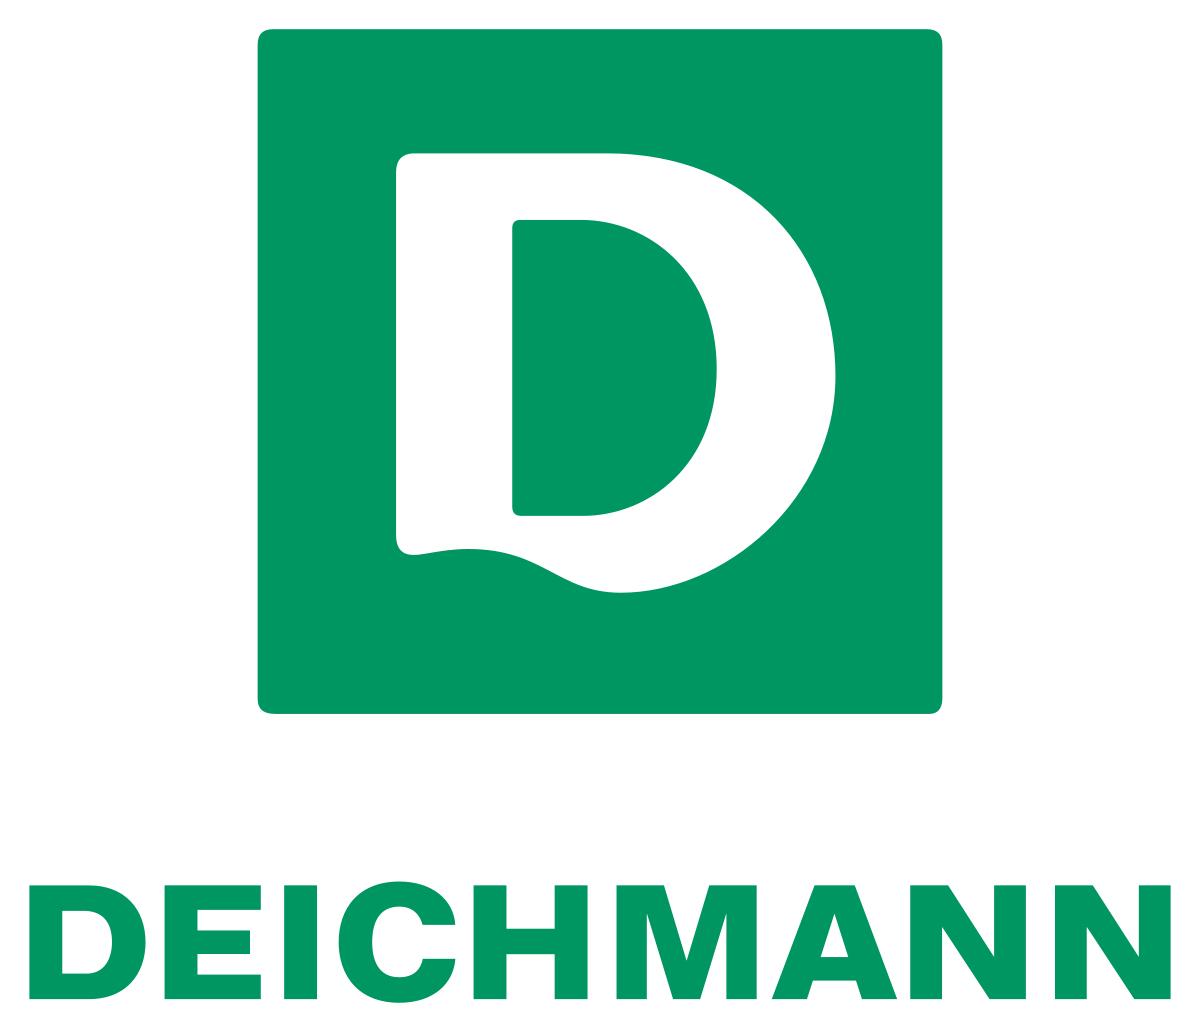 Deichmann - nimm 3 zahl 2, oder nimm 2 das 2. Paar 50% günstiger